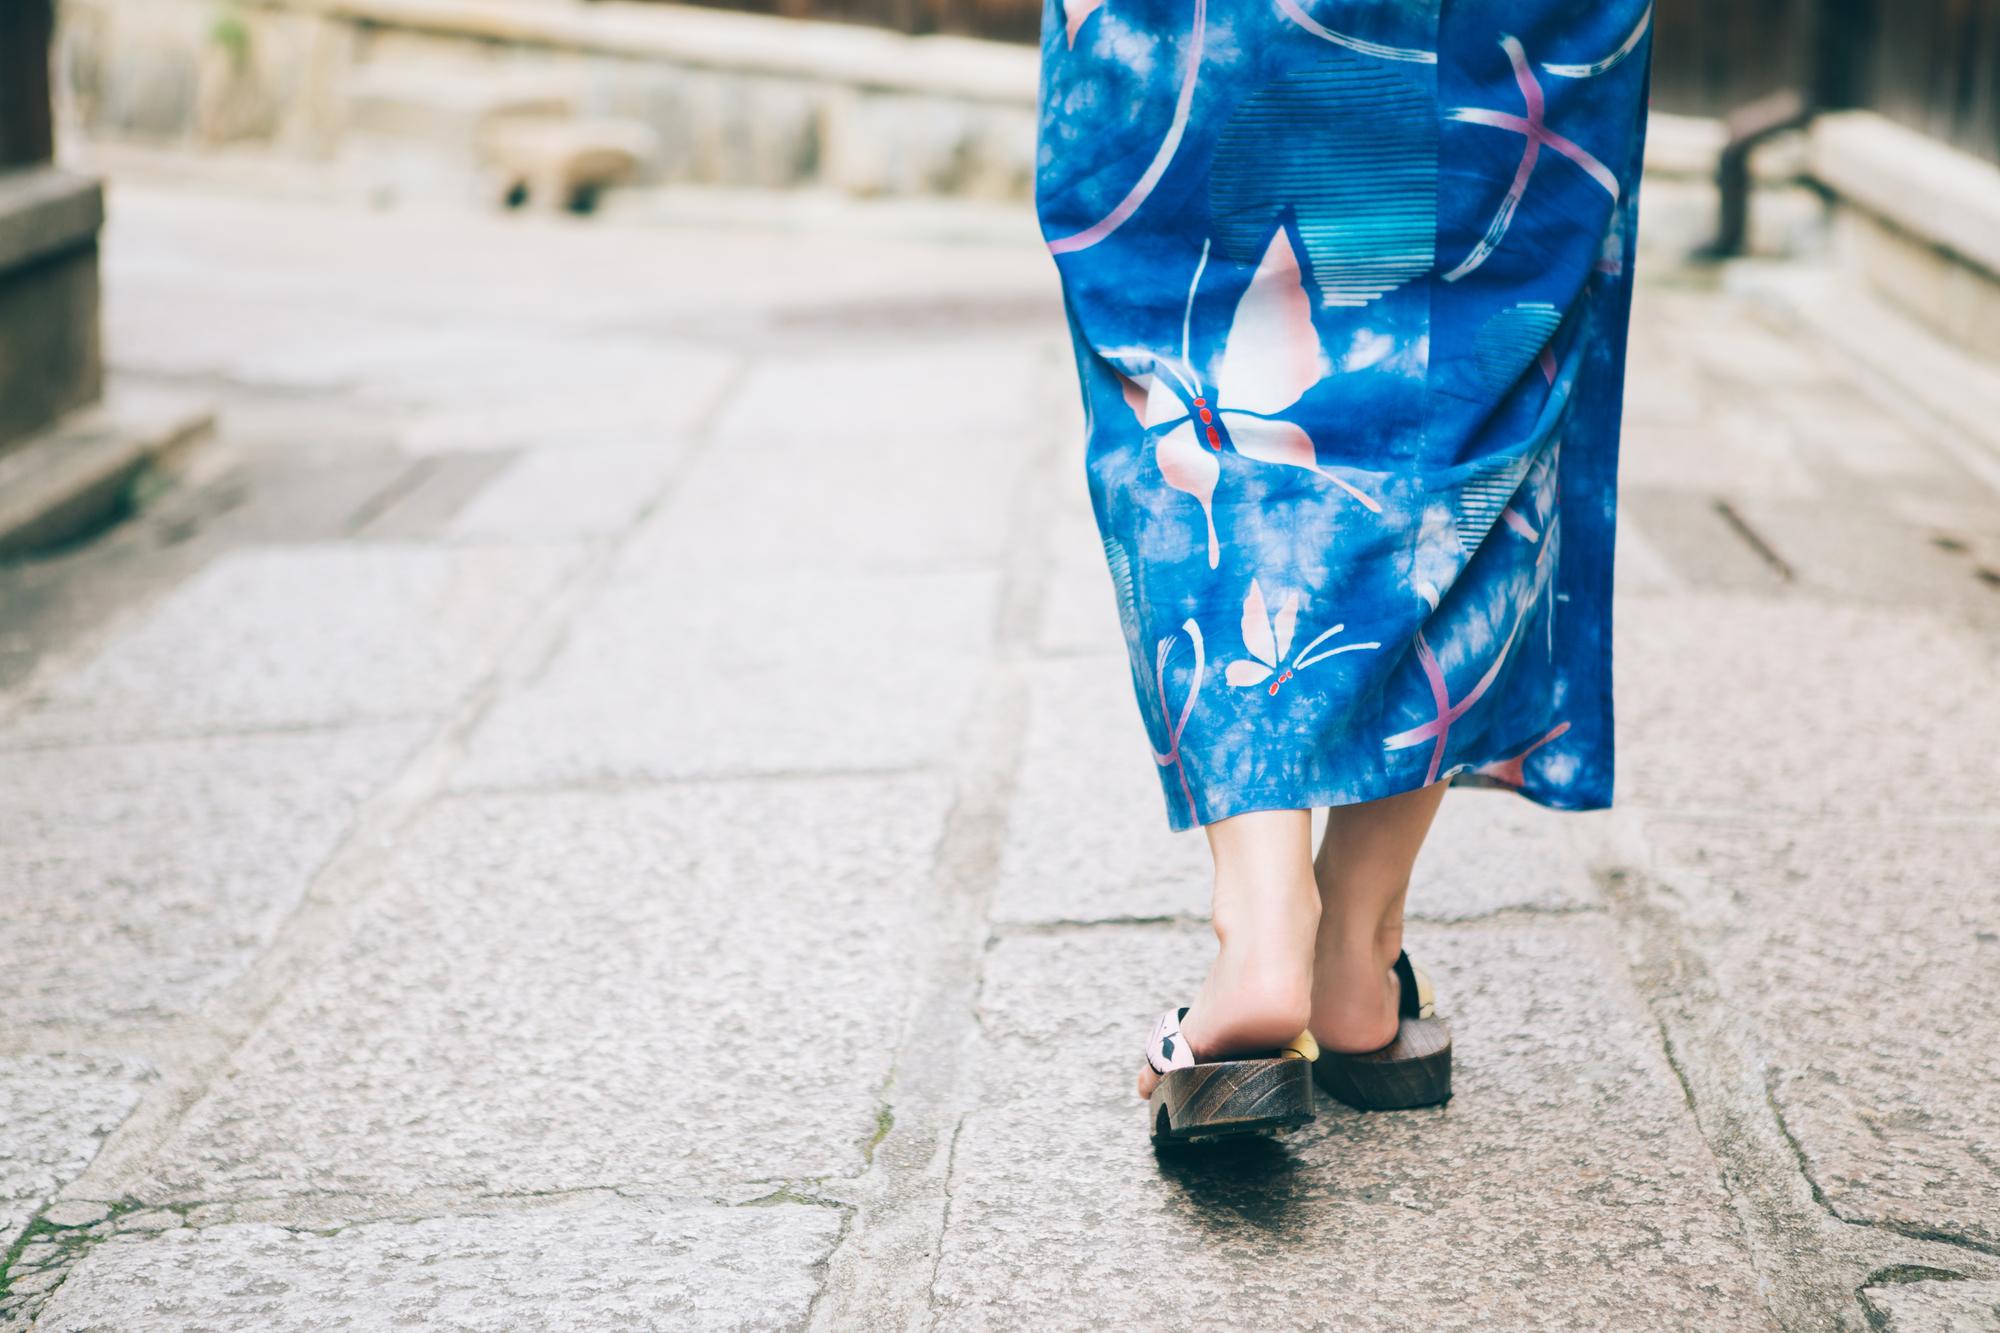 浴衣のお女性が歩いている風景